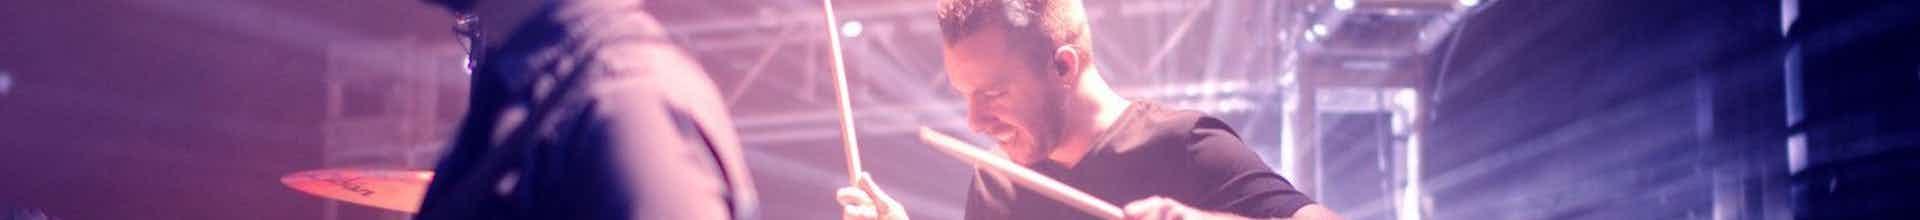 Jazzbands_0